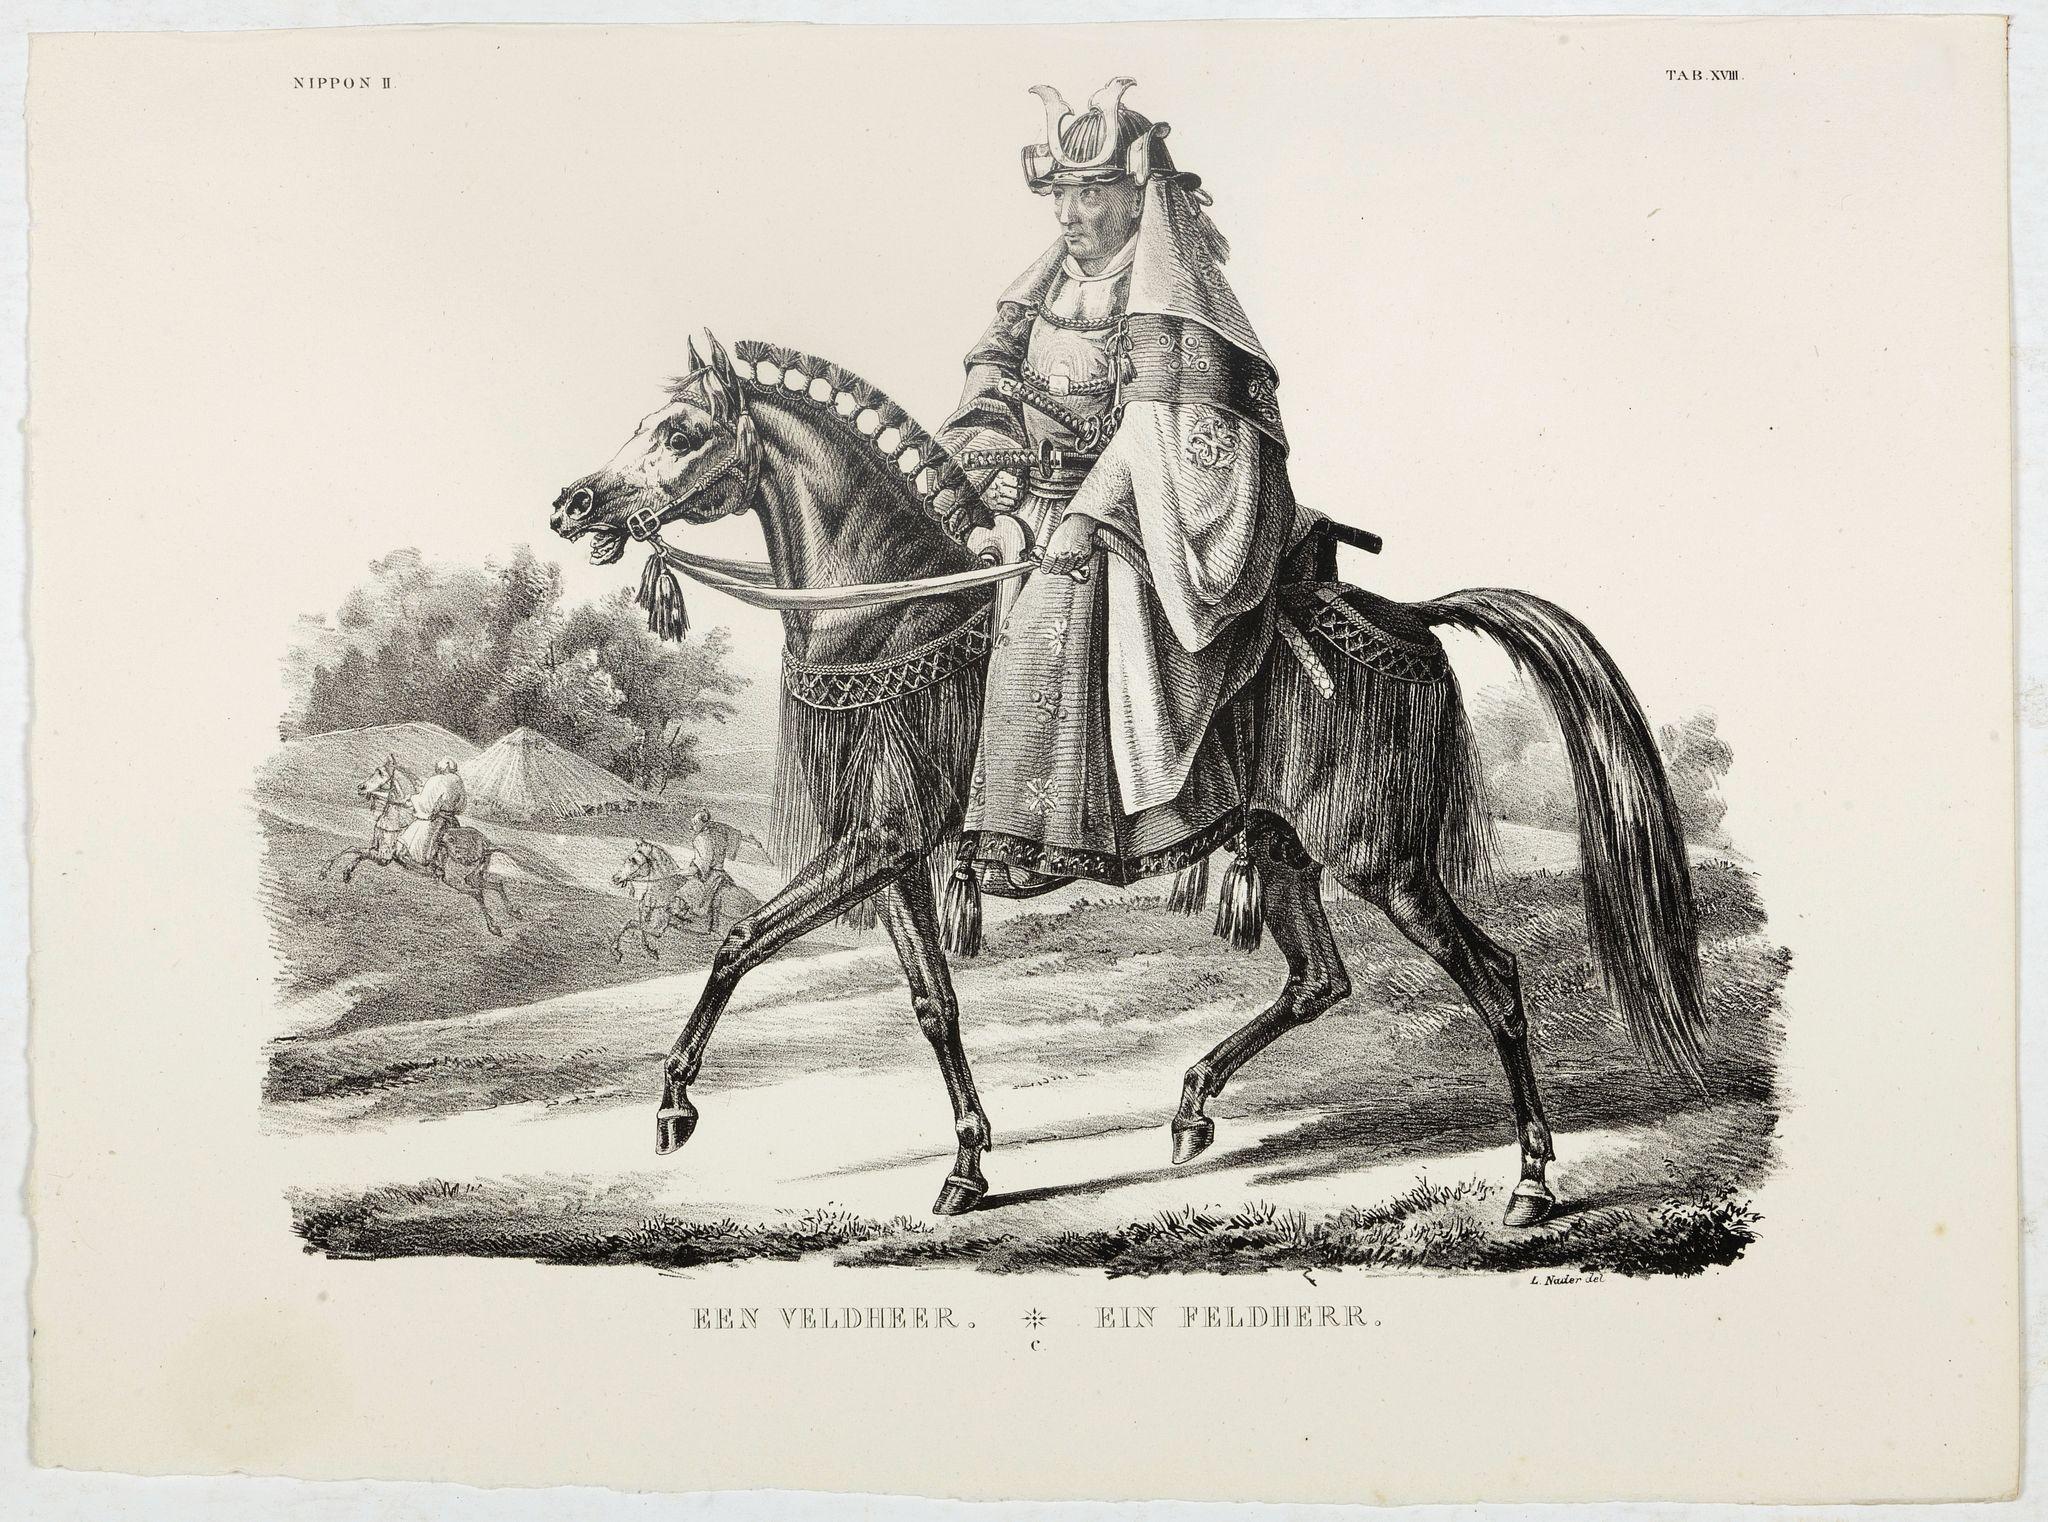 VON SIEBOLD, P.Fr.B. -  Een Veldheer.